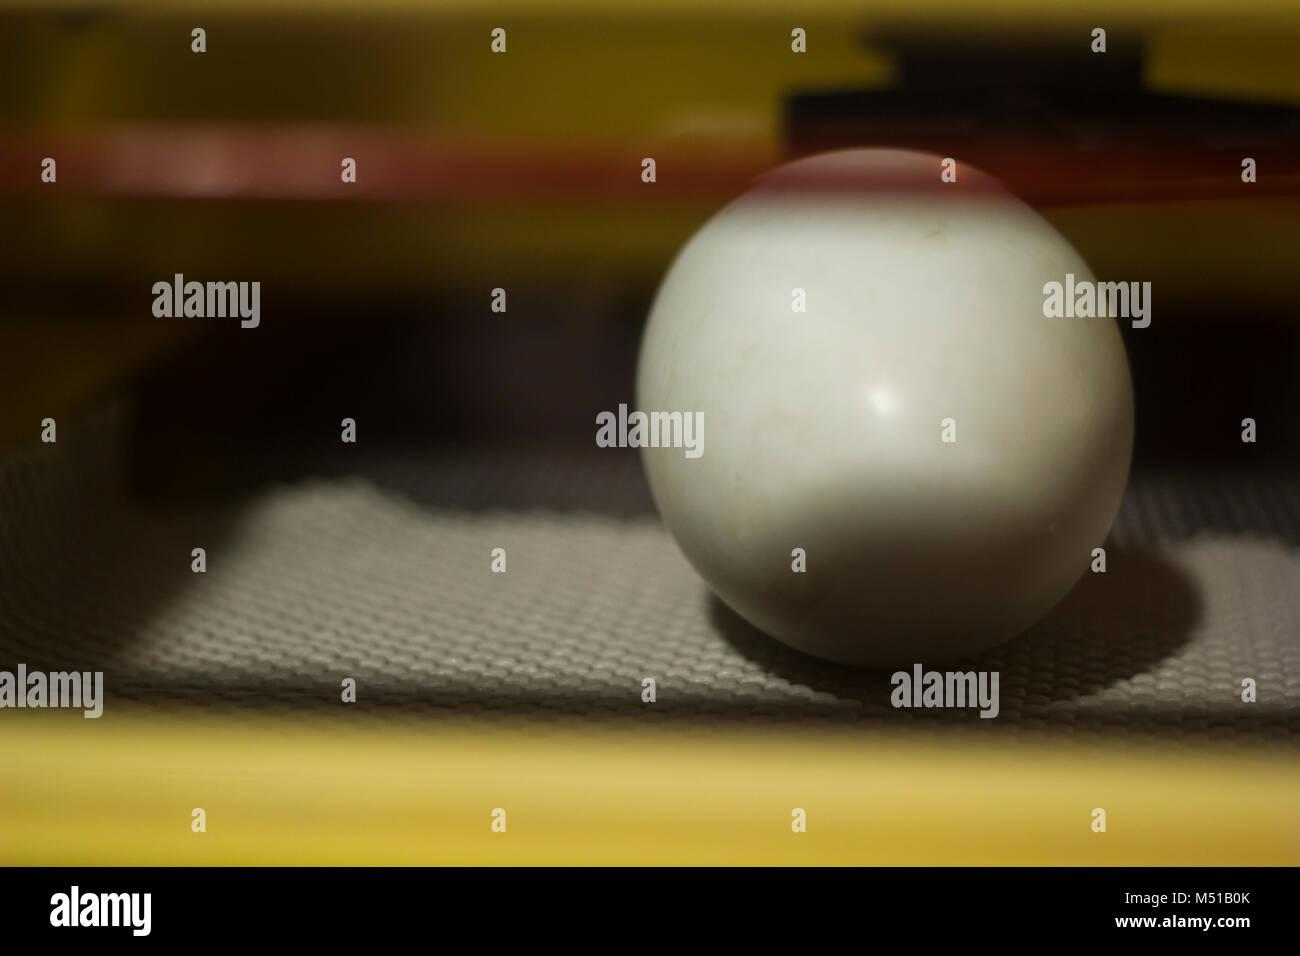 Kiwi bird egg in the nursery - Stock Image